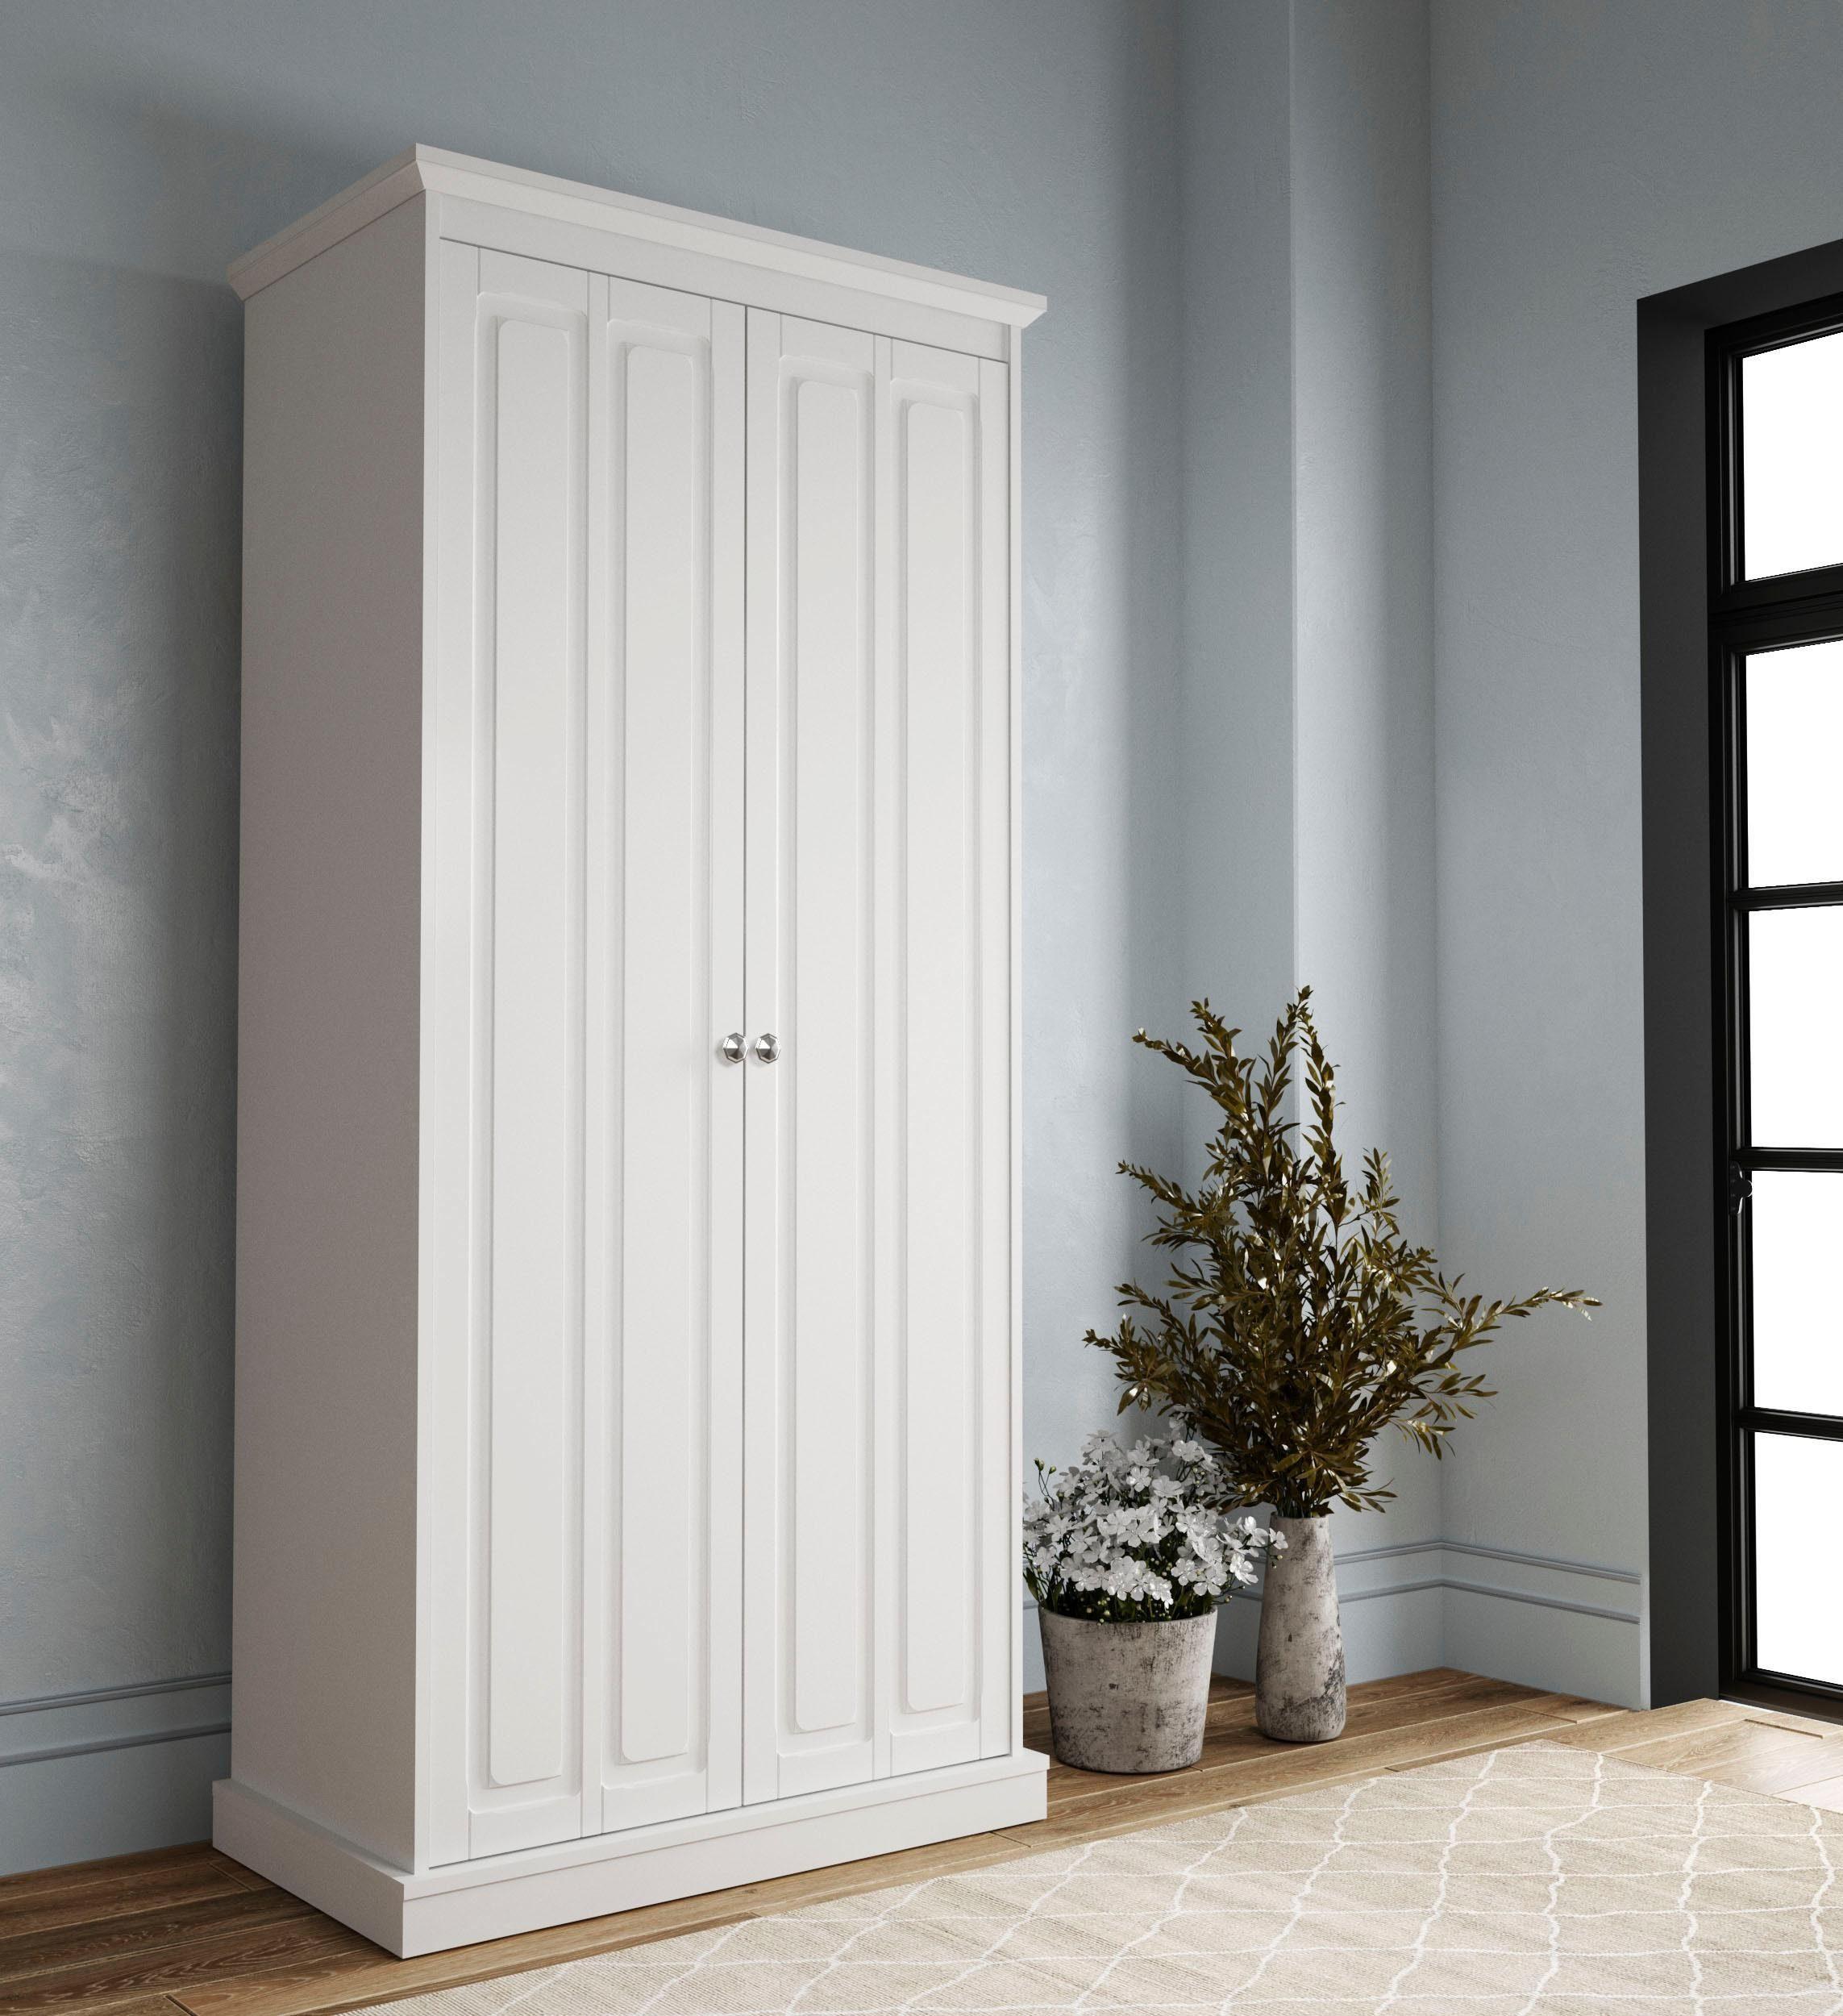 Home affaire Kleiderschrank »Barthe«, 2-türig, 86 cm breit